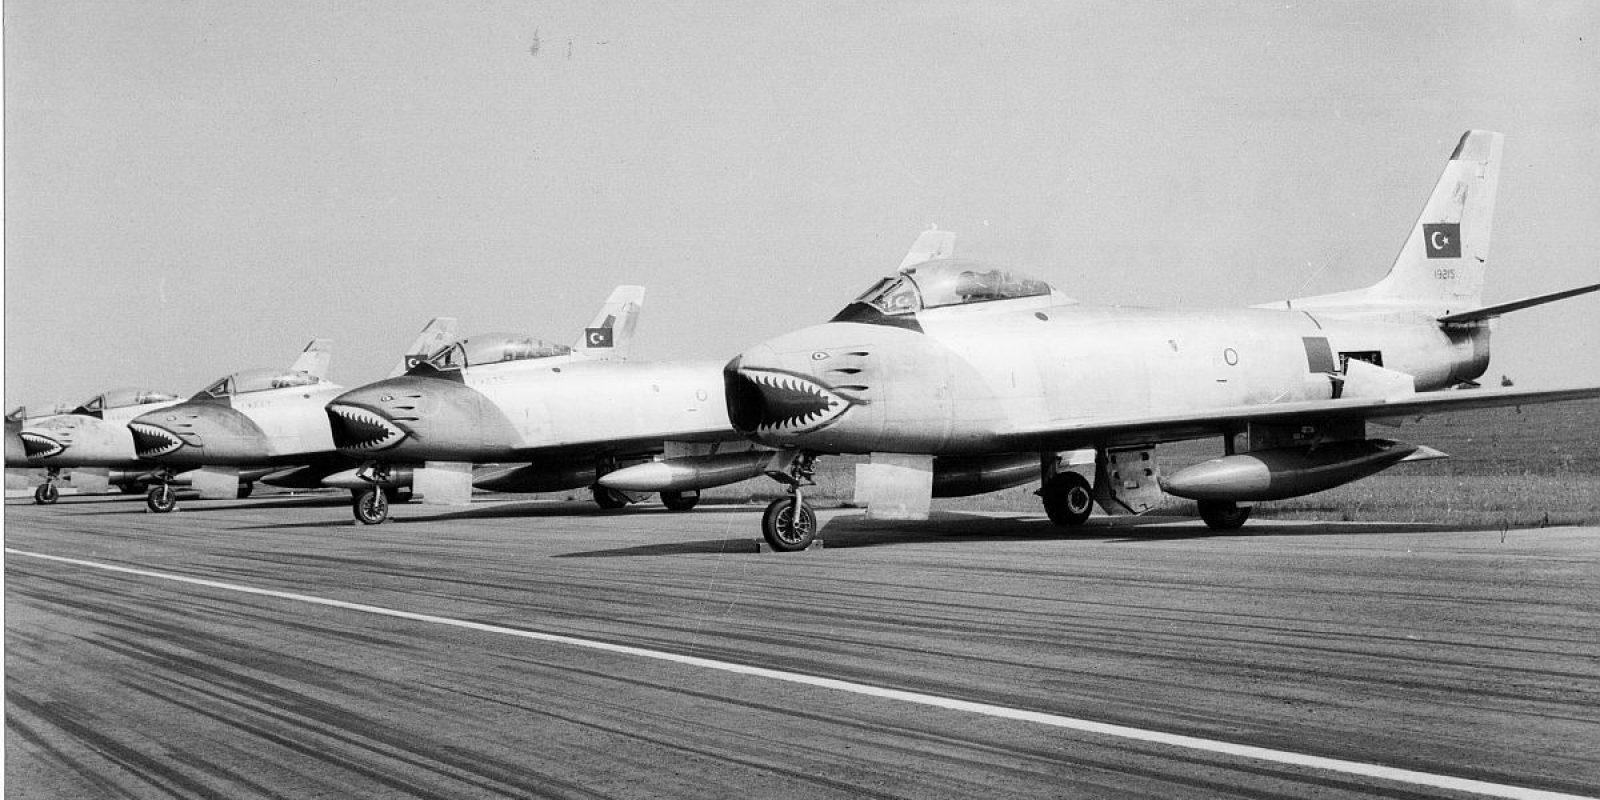 Les F-86 E Sabre du team turc lors du IXème PAIM 1958 sur la para-piste de Bierset. Le premier est le 19215, suivi du 19223 et du 19275. (SID)